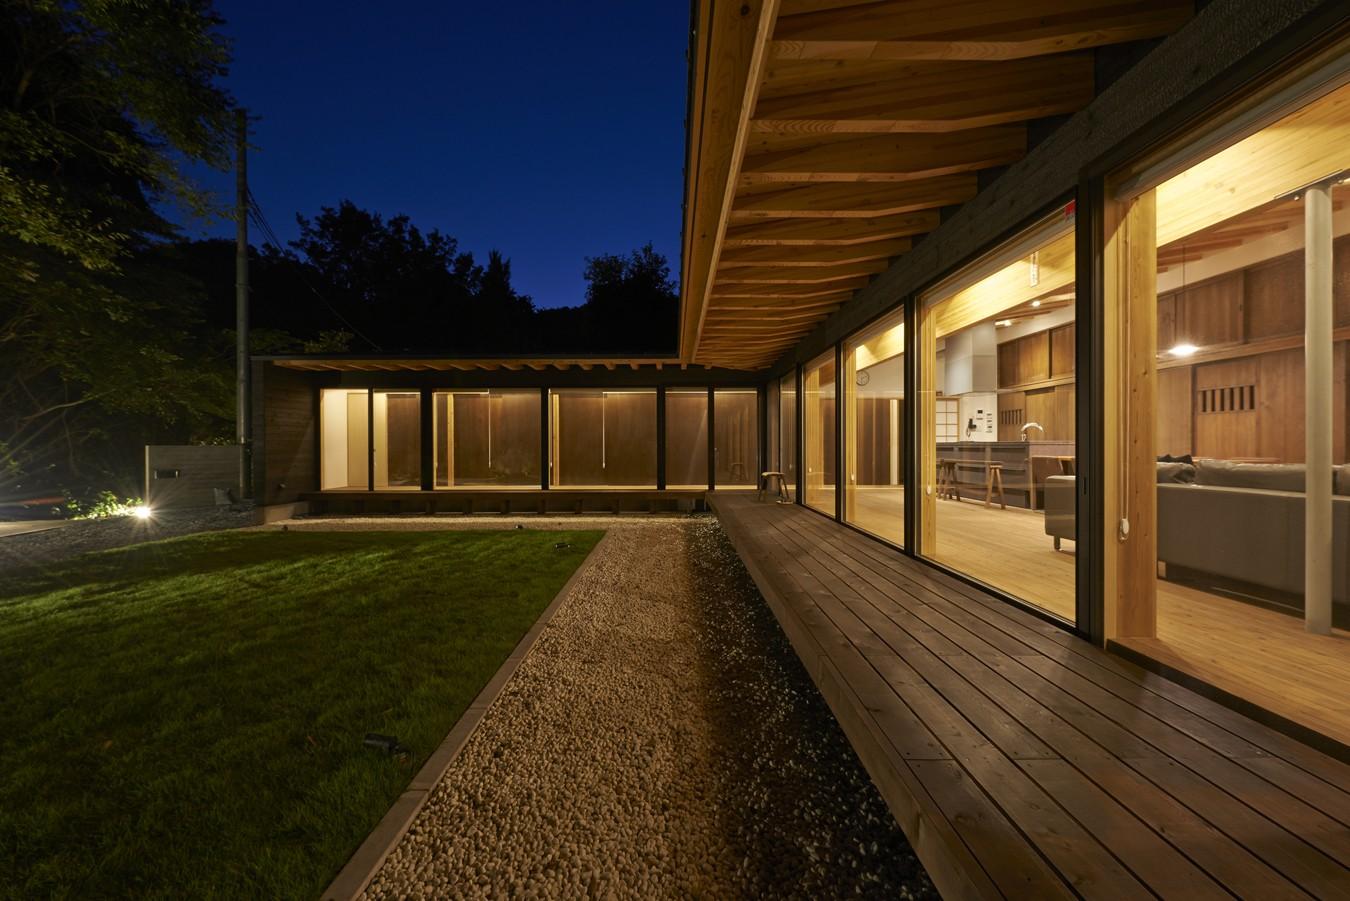 外観事例:縁側夜景(稲村ヶ崎の住宅 - 建物と自然からうまれる平屋中庭住宅 -)